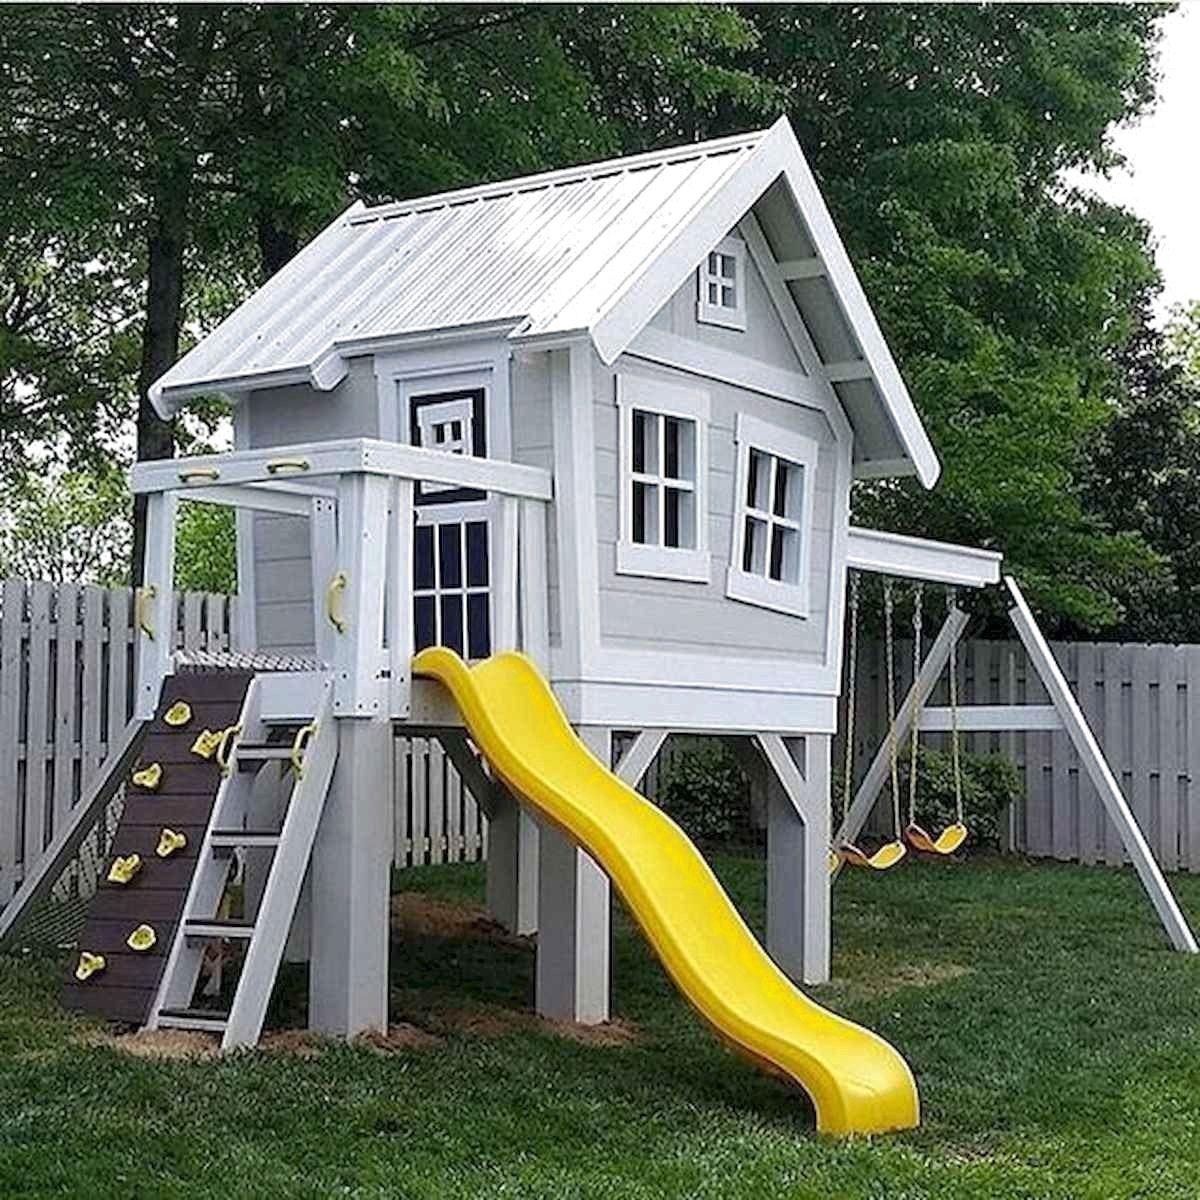 34 Best Inspiring Backyard Kids Ideas Play Spaces Design ...